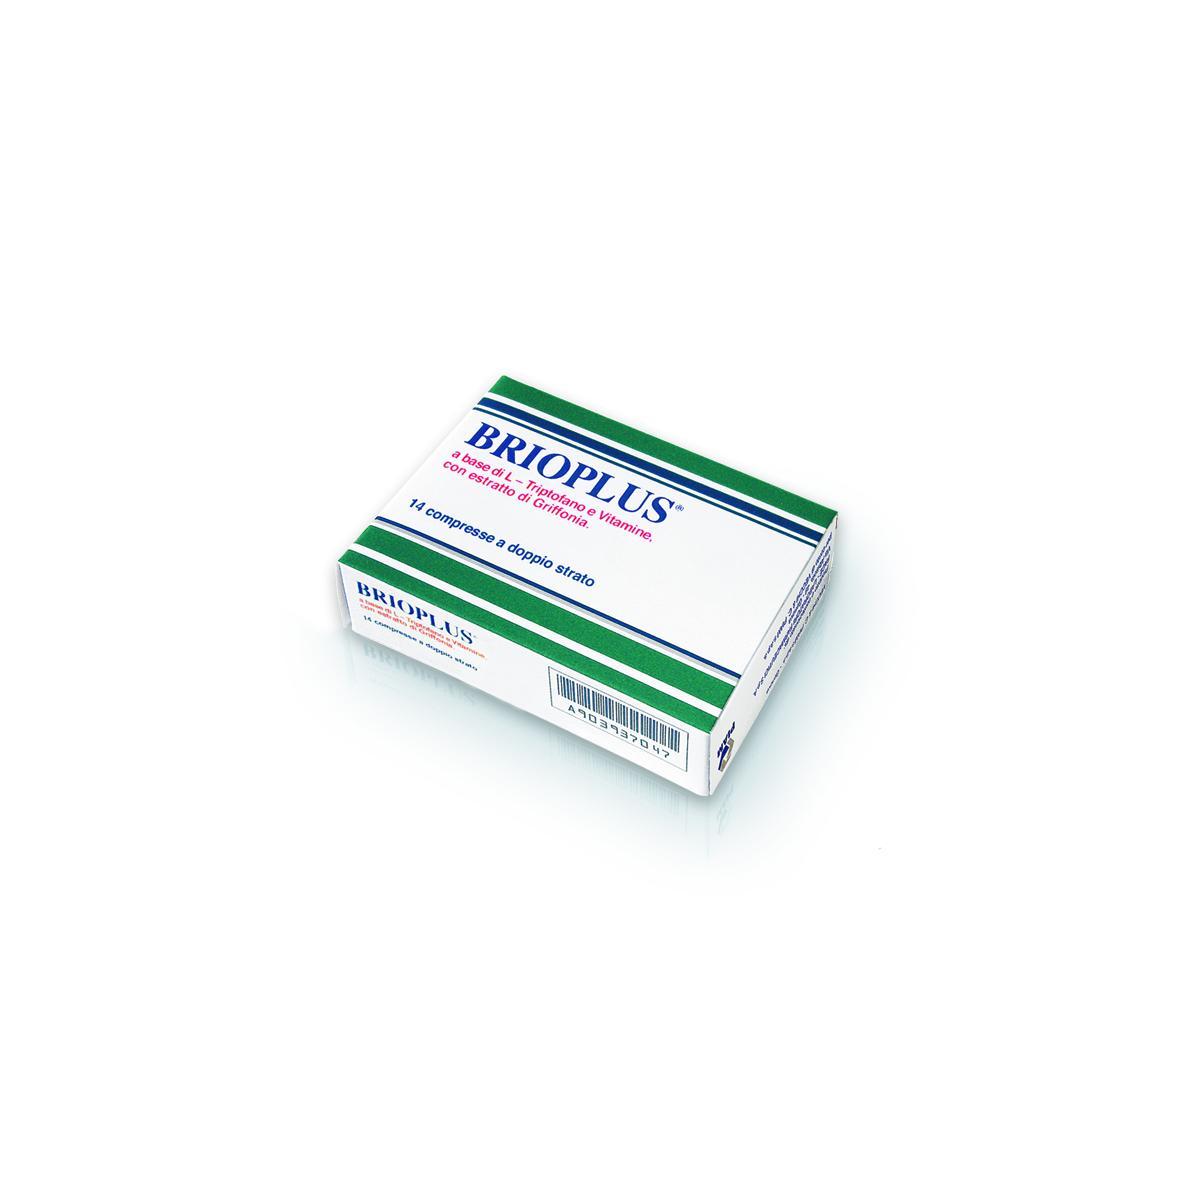 BRIOPLUS® 14 compresse a doppio strato